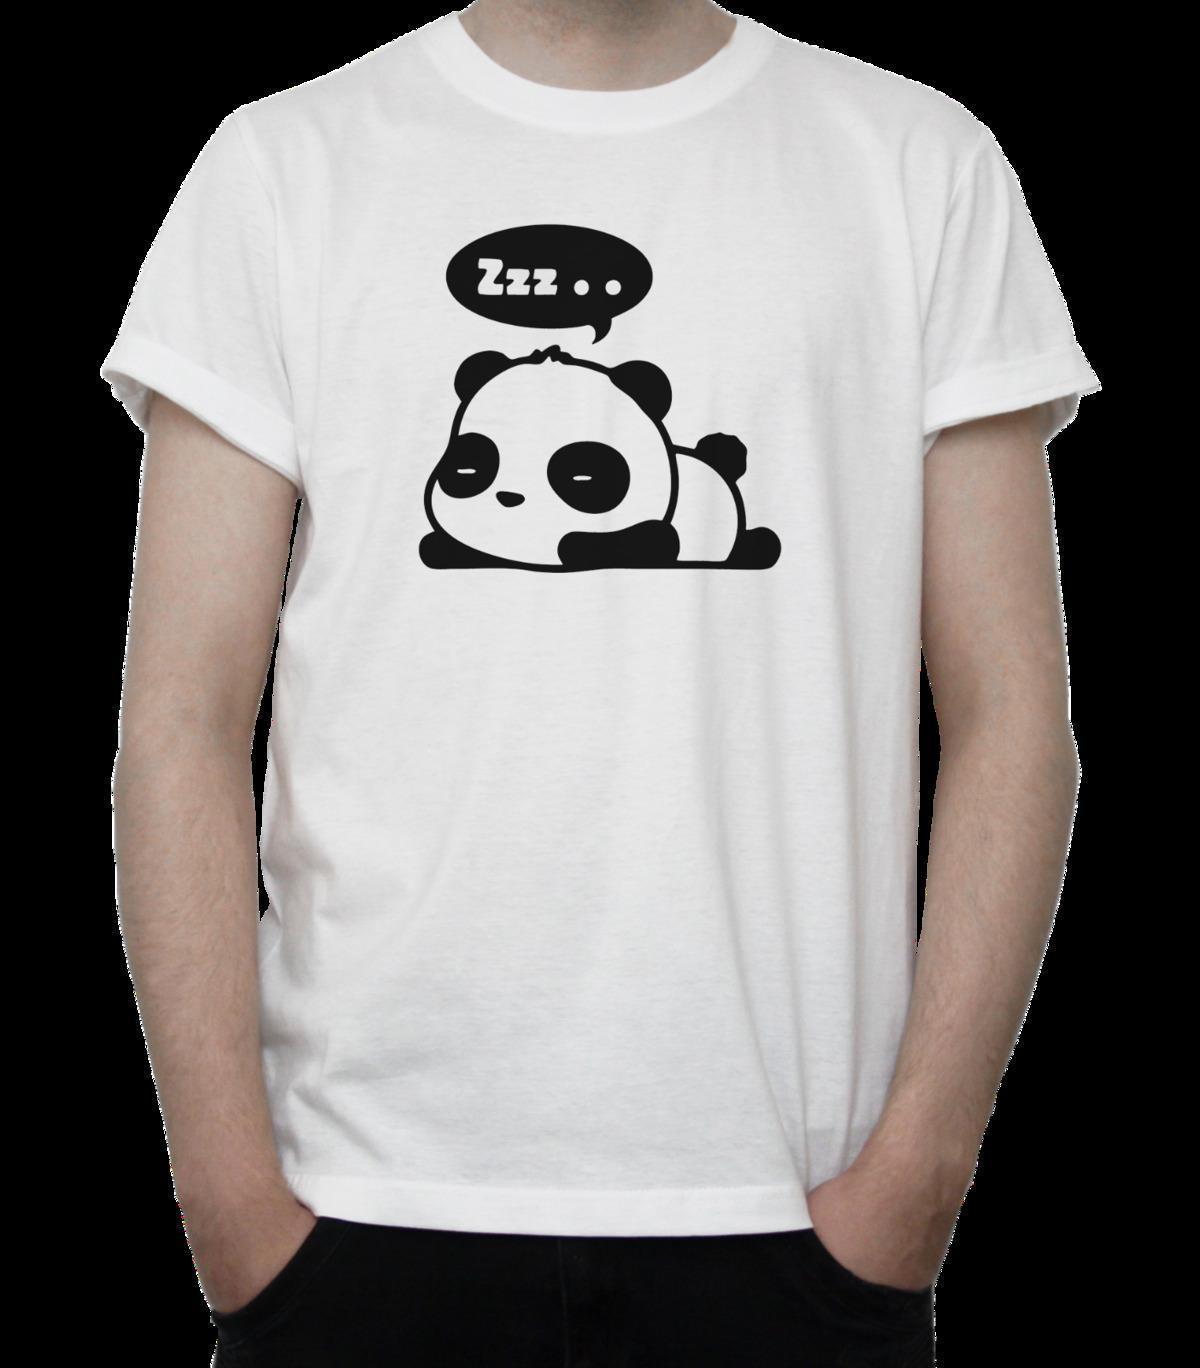 c1d7da605 SLEEPING PANDA T Shirt BW Drawing CUTE Bear CUB Kawaii ANIME Chinese GREY  White Canada 2019 From Lijian84, CAD $16.64   DHgate Canada